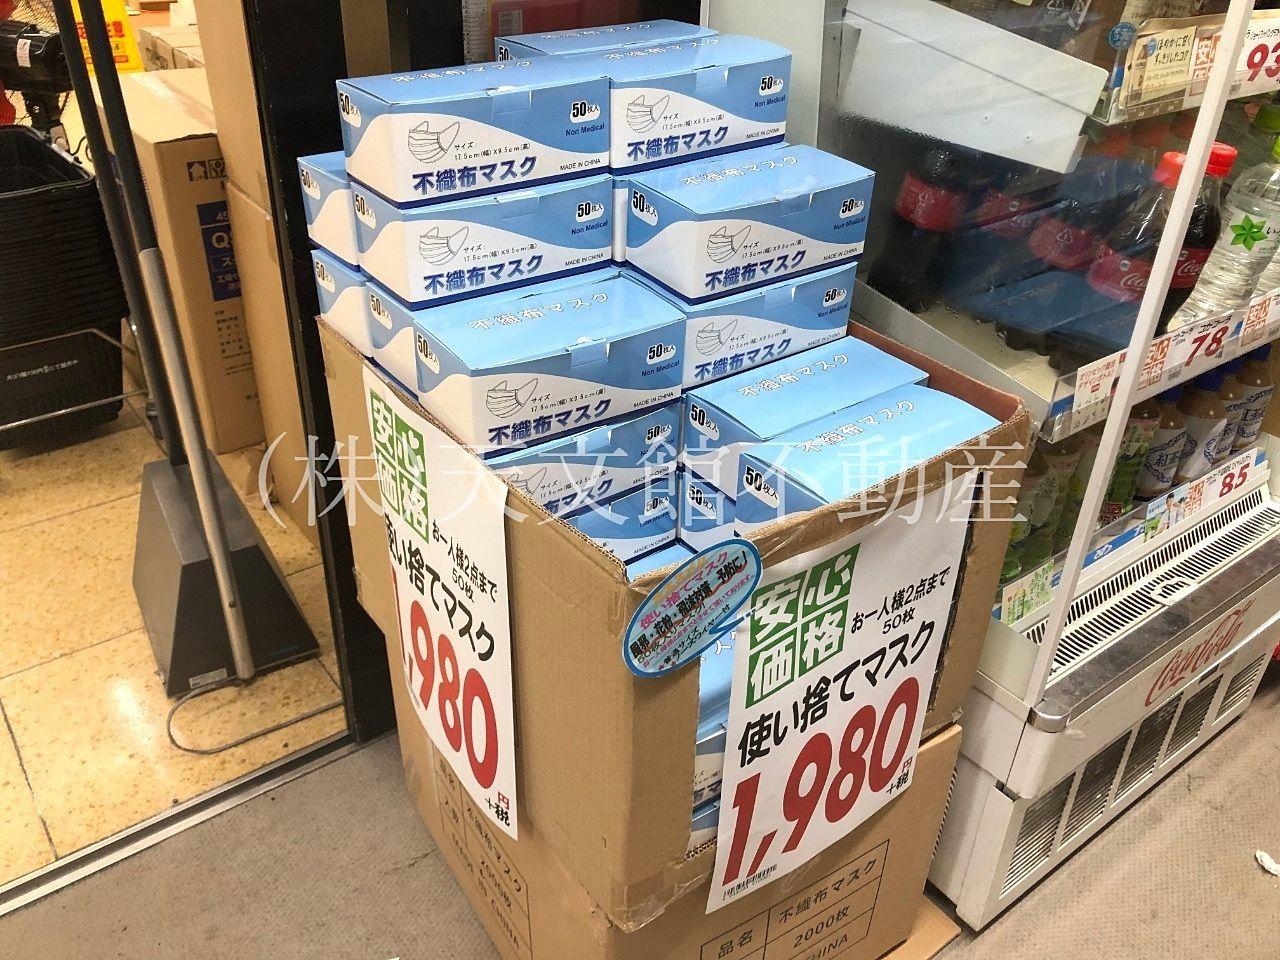 鹿児島市与次郎1丁目のニシムタ与次郎店にマスクが箱売りで売っていました。